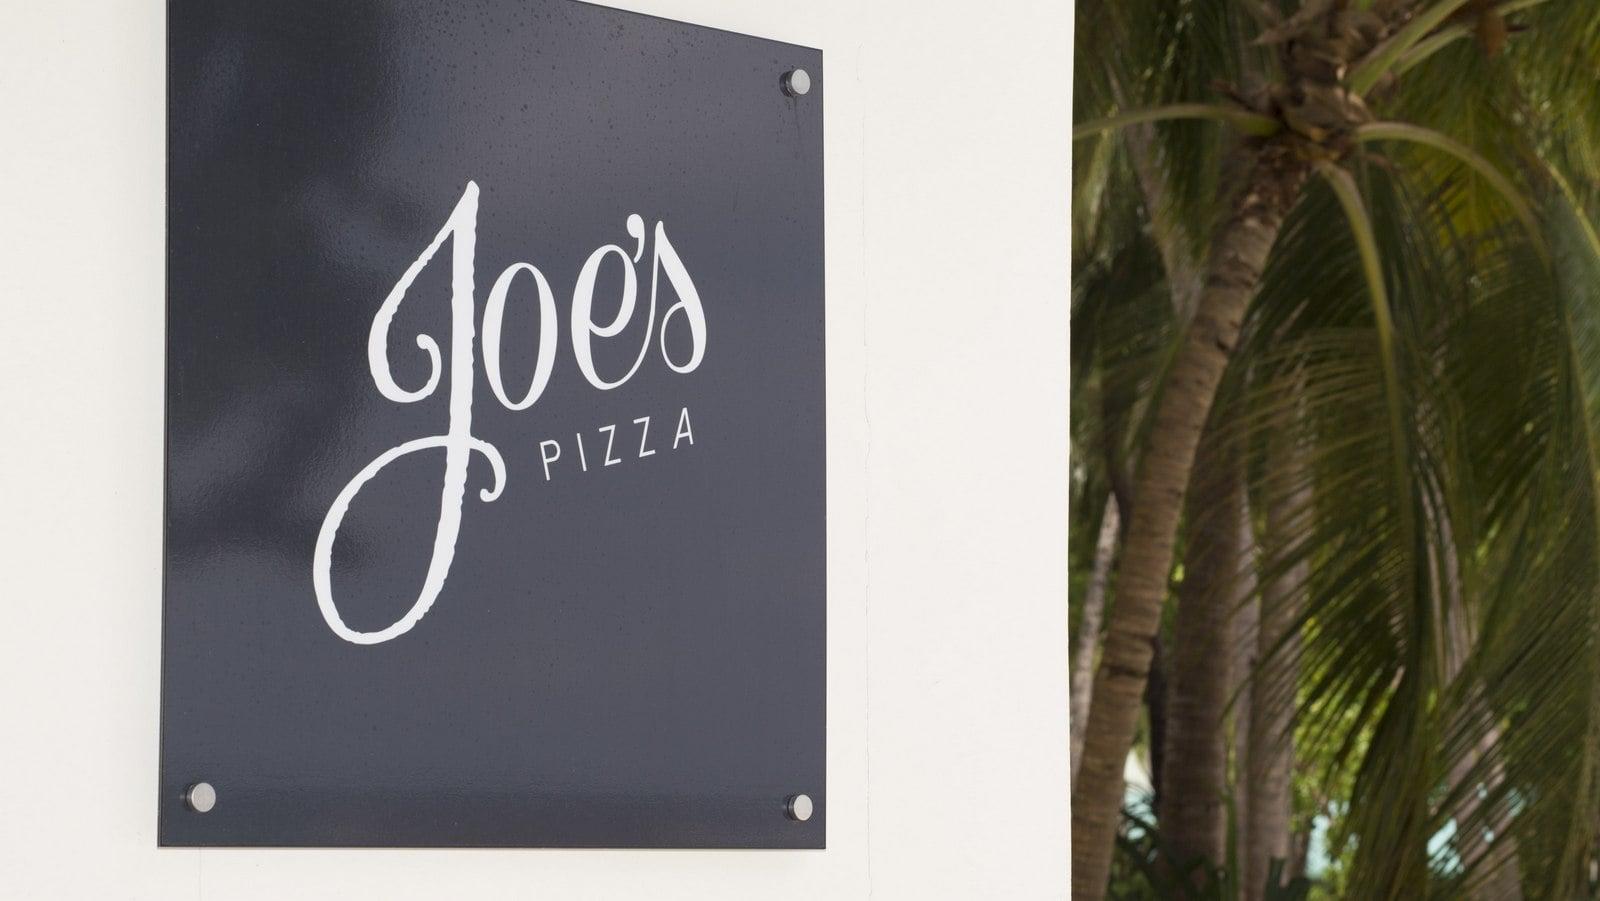 Мальдивы, отель Amilla Fushi Maldives, Joes Pizza